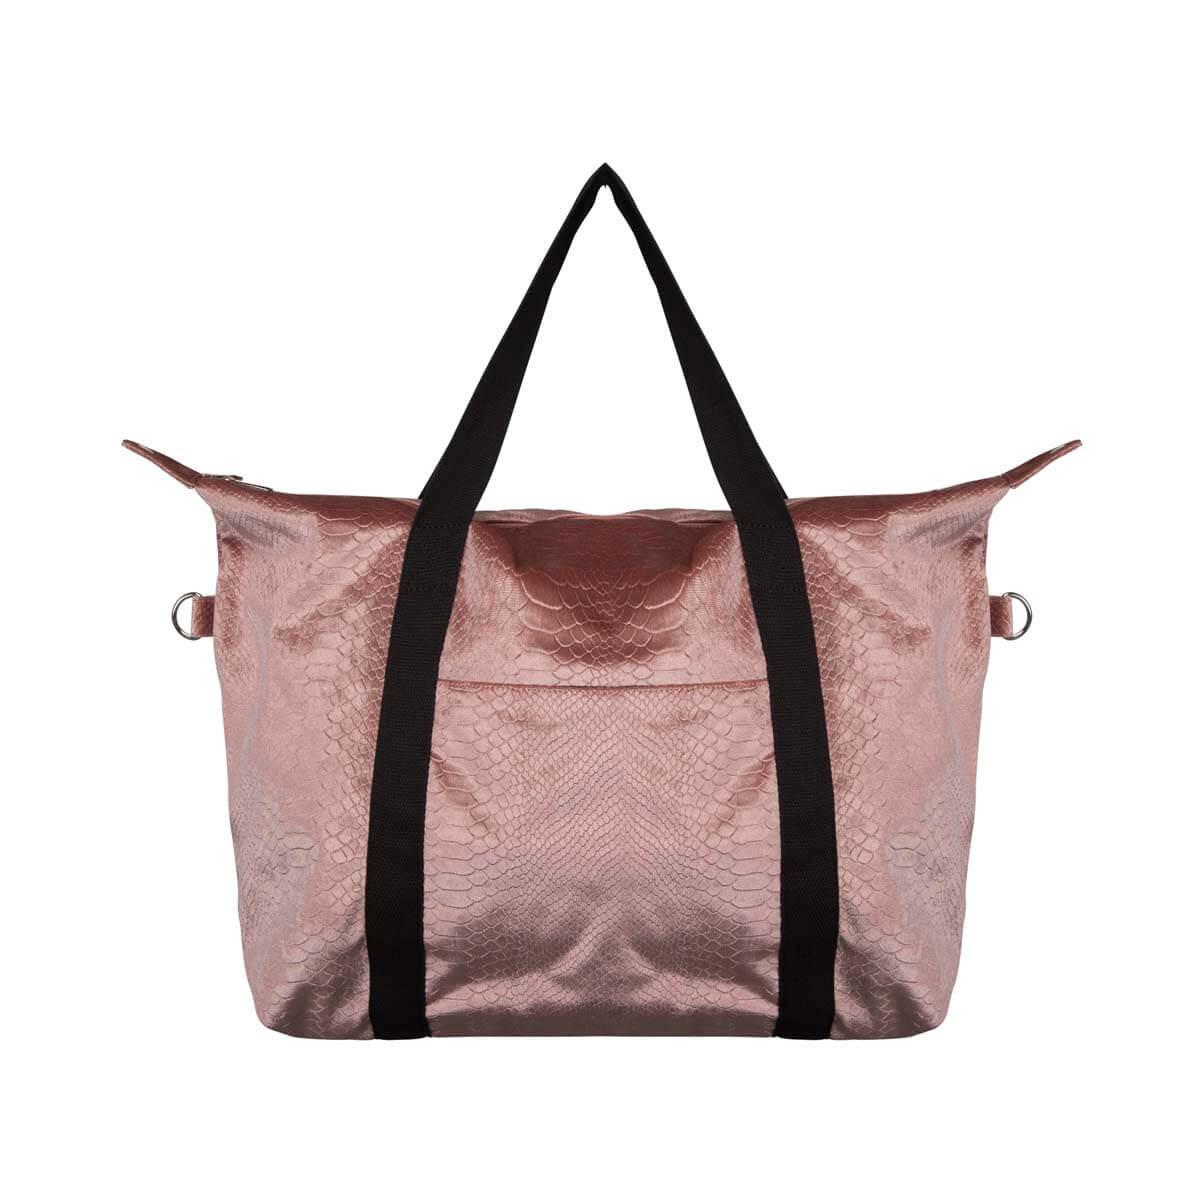 a319d4b0ac3 Sofie Schnoor - Travel Bag - Weekend taske - Velvet Croko - Rose